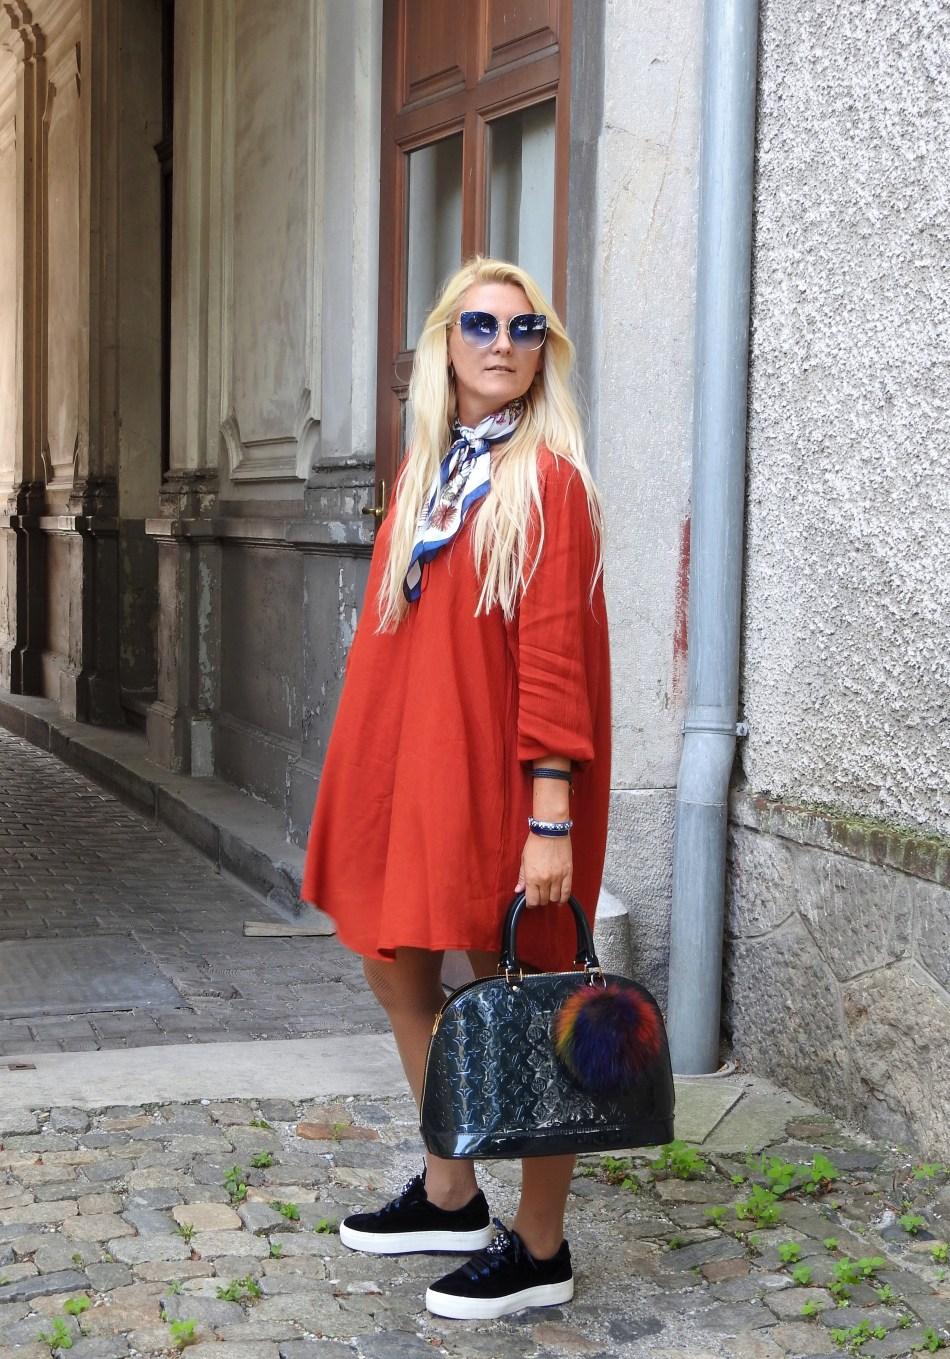 Velvet-Samt-Dress-Kleid-Herbstlook-Falllook-Louis-Vuitton-Bag-Sneakers-carrieslifestyle-Tamara-Prutsch